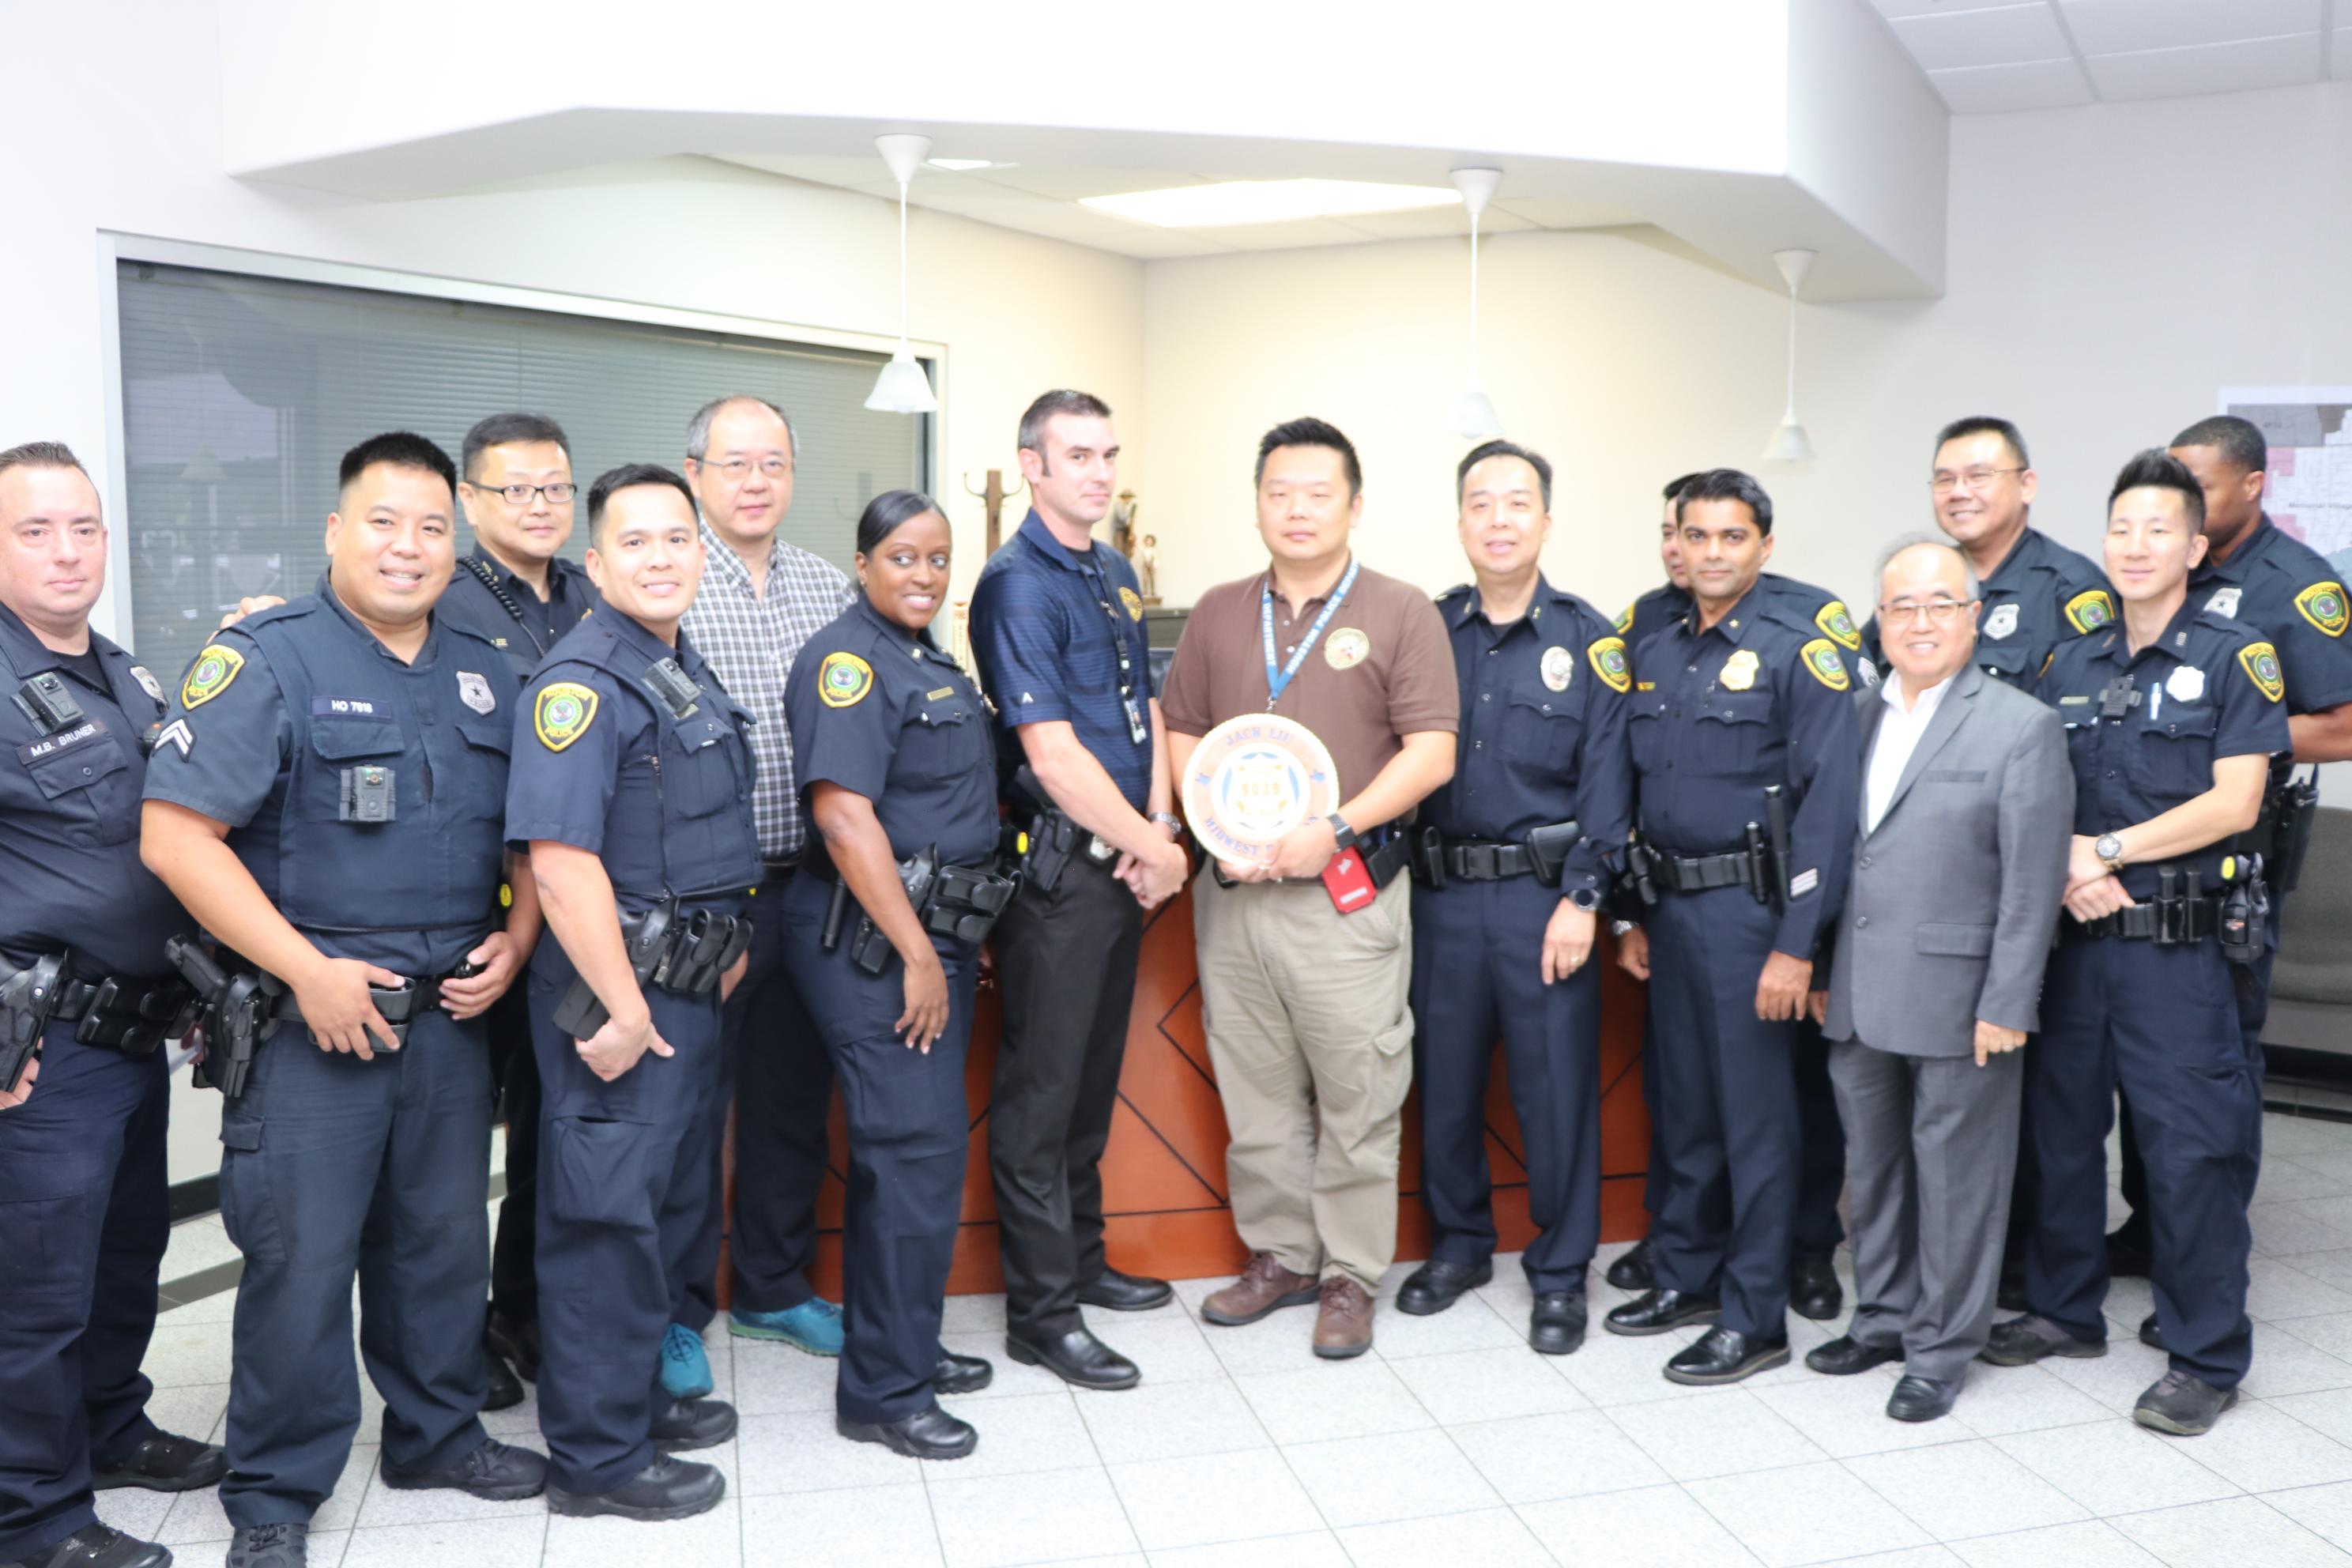 休士頓警察局惠康派出全體警員都對Jack Liu(右五)獲獎感到與有榮焉。(記者封昌明攝)